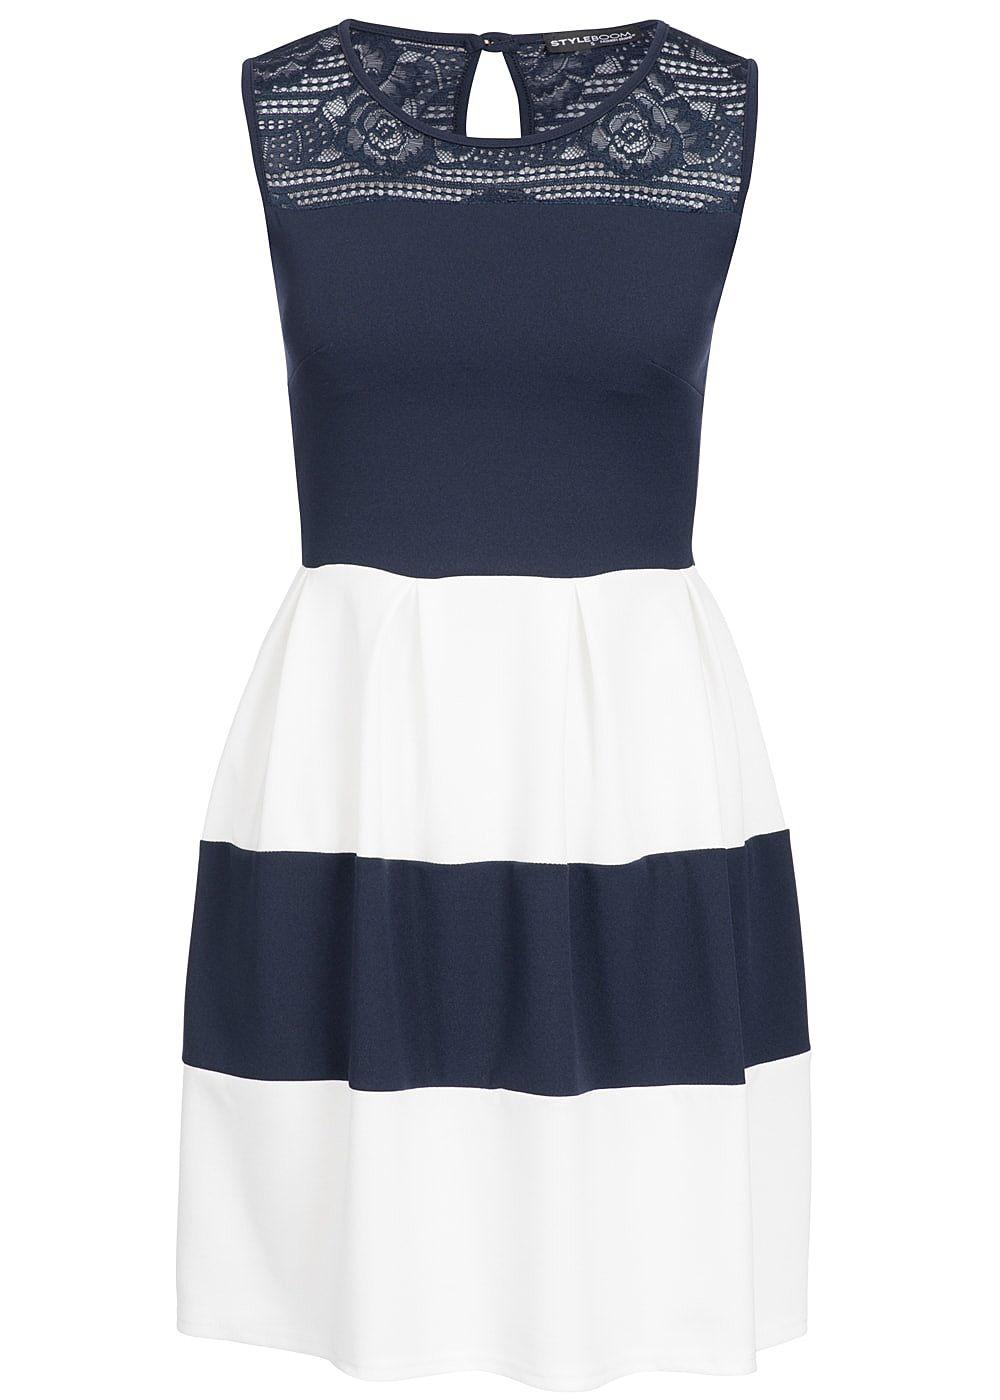 styleboom fashion damen mini kleid spitze oben brustpads gestreift navy blau weiss 77onlineshop. Black Bedroom Furniture Sets. Home Design Ideas